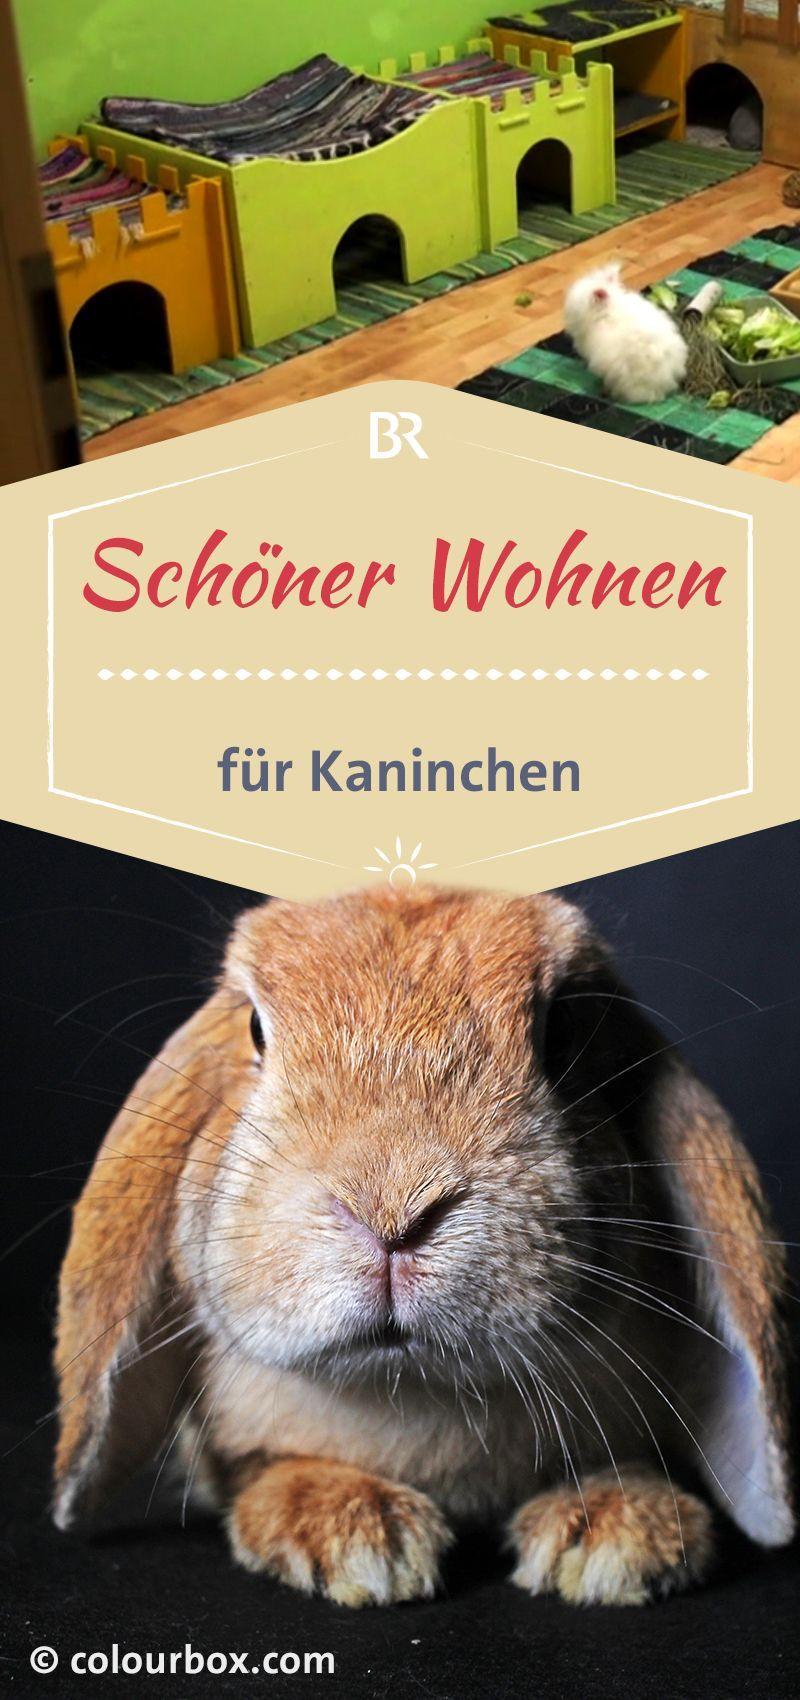 Kaninchen Sind Kuschelig Niedlich Und Vermeintlich Auch In Kleinen Wohnungen Zu Halten Also Das Perfekte Kinder Tier Die Tiere Kaninchen Tiere Kinder Tiere